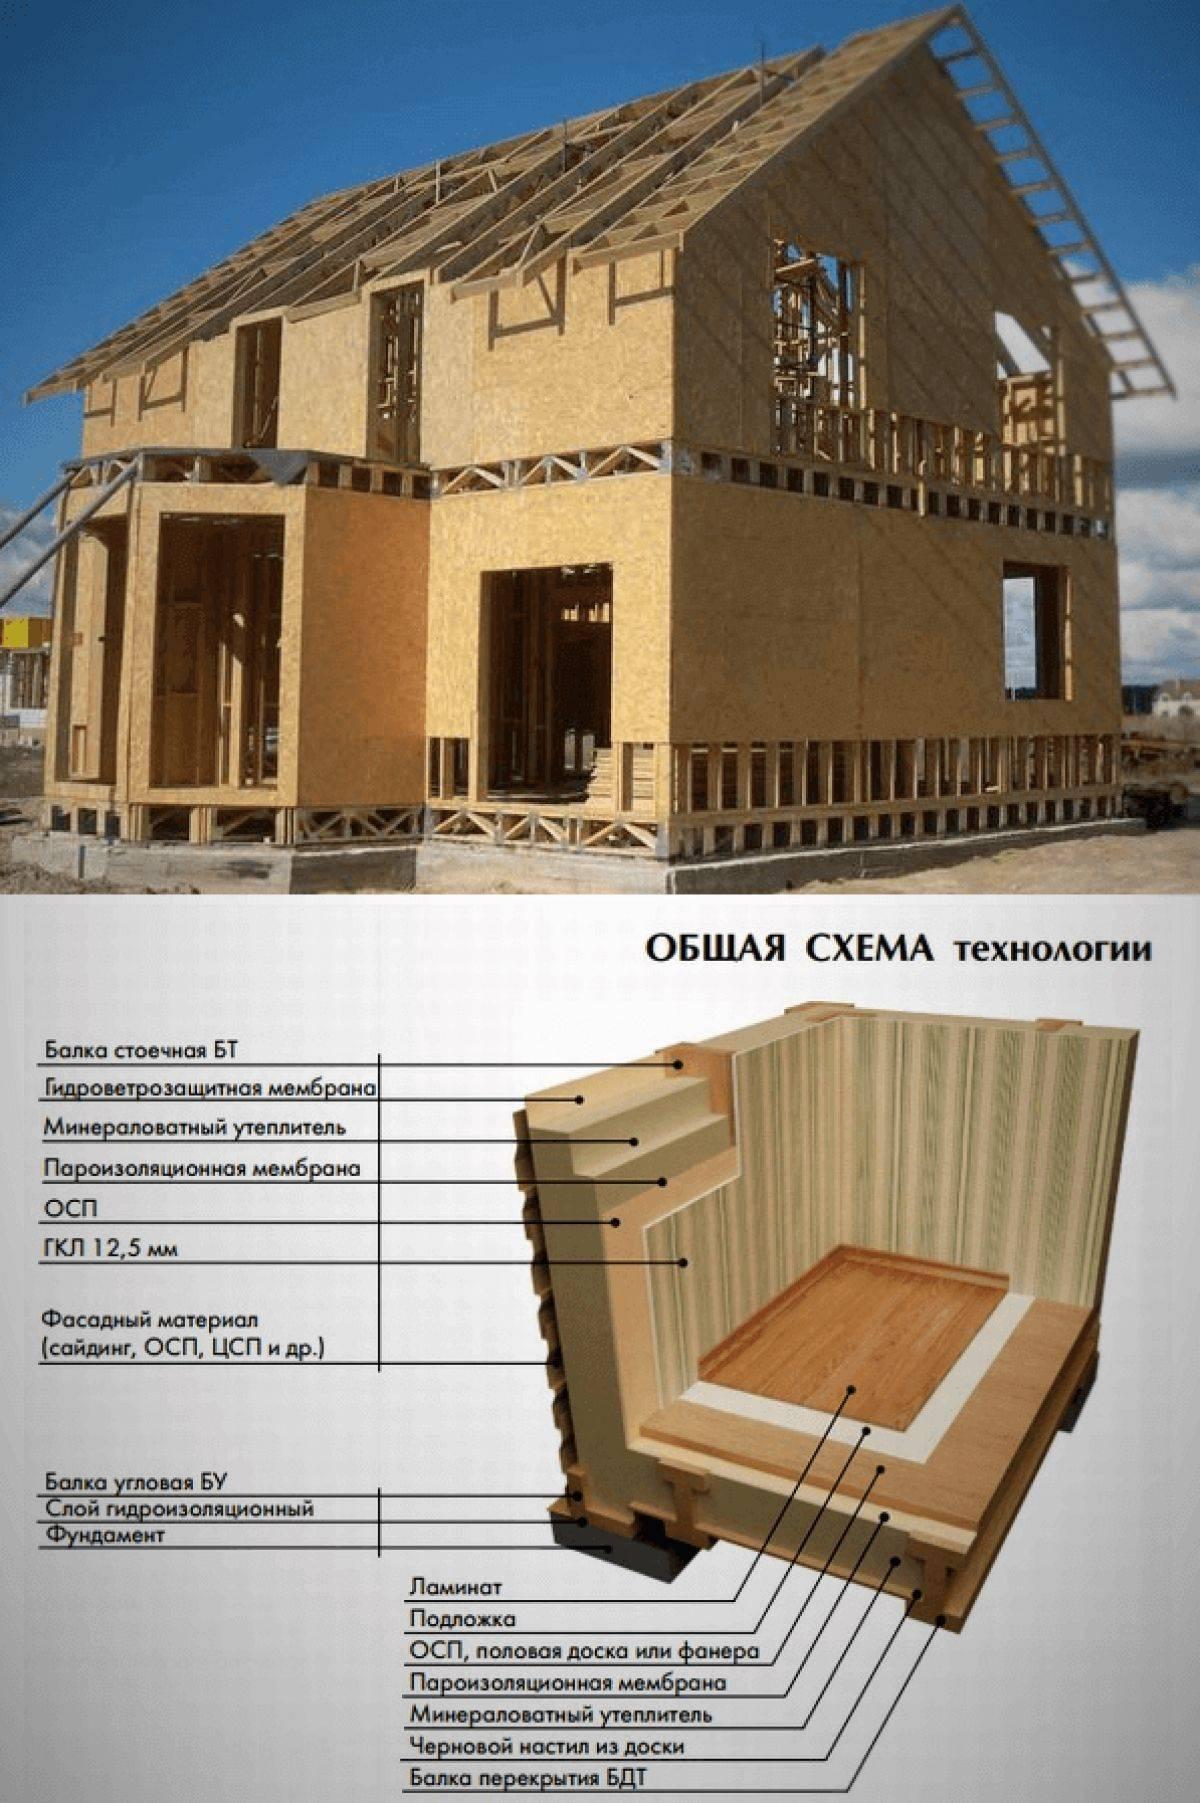 Как быстро и недорого построить каркасный дом своими руками